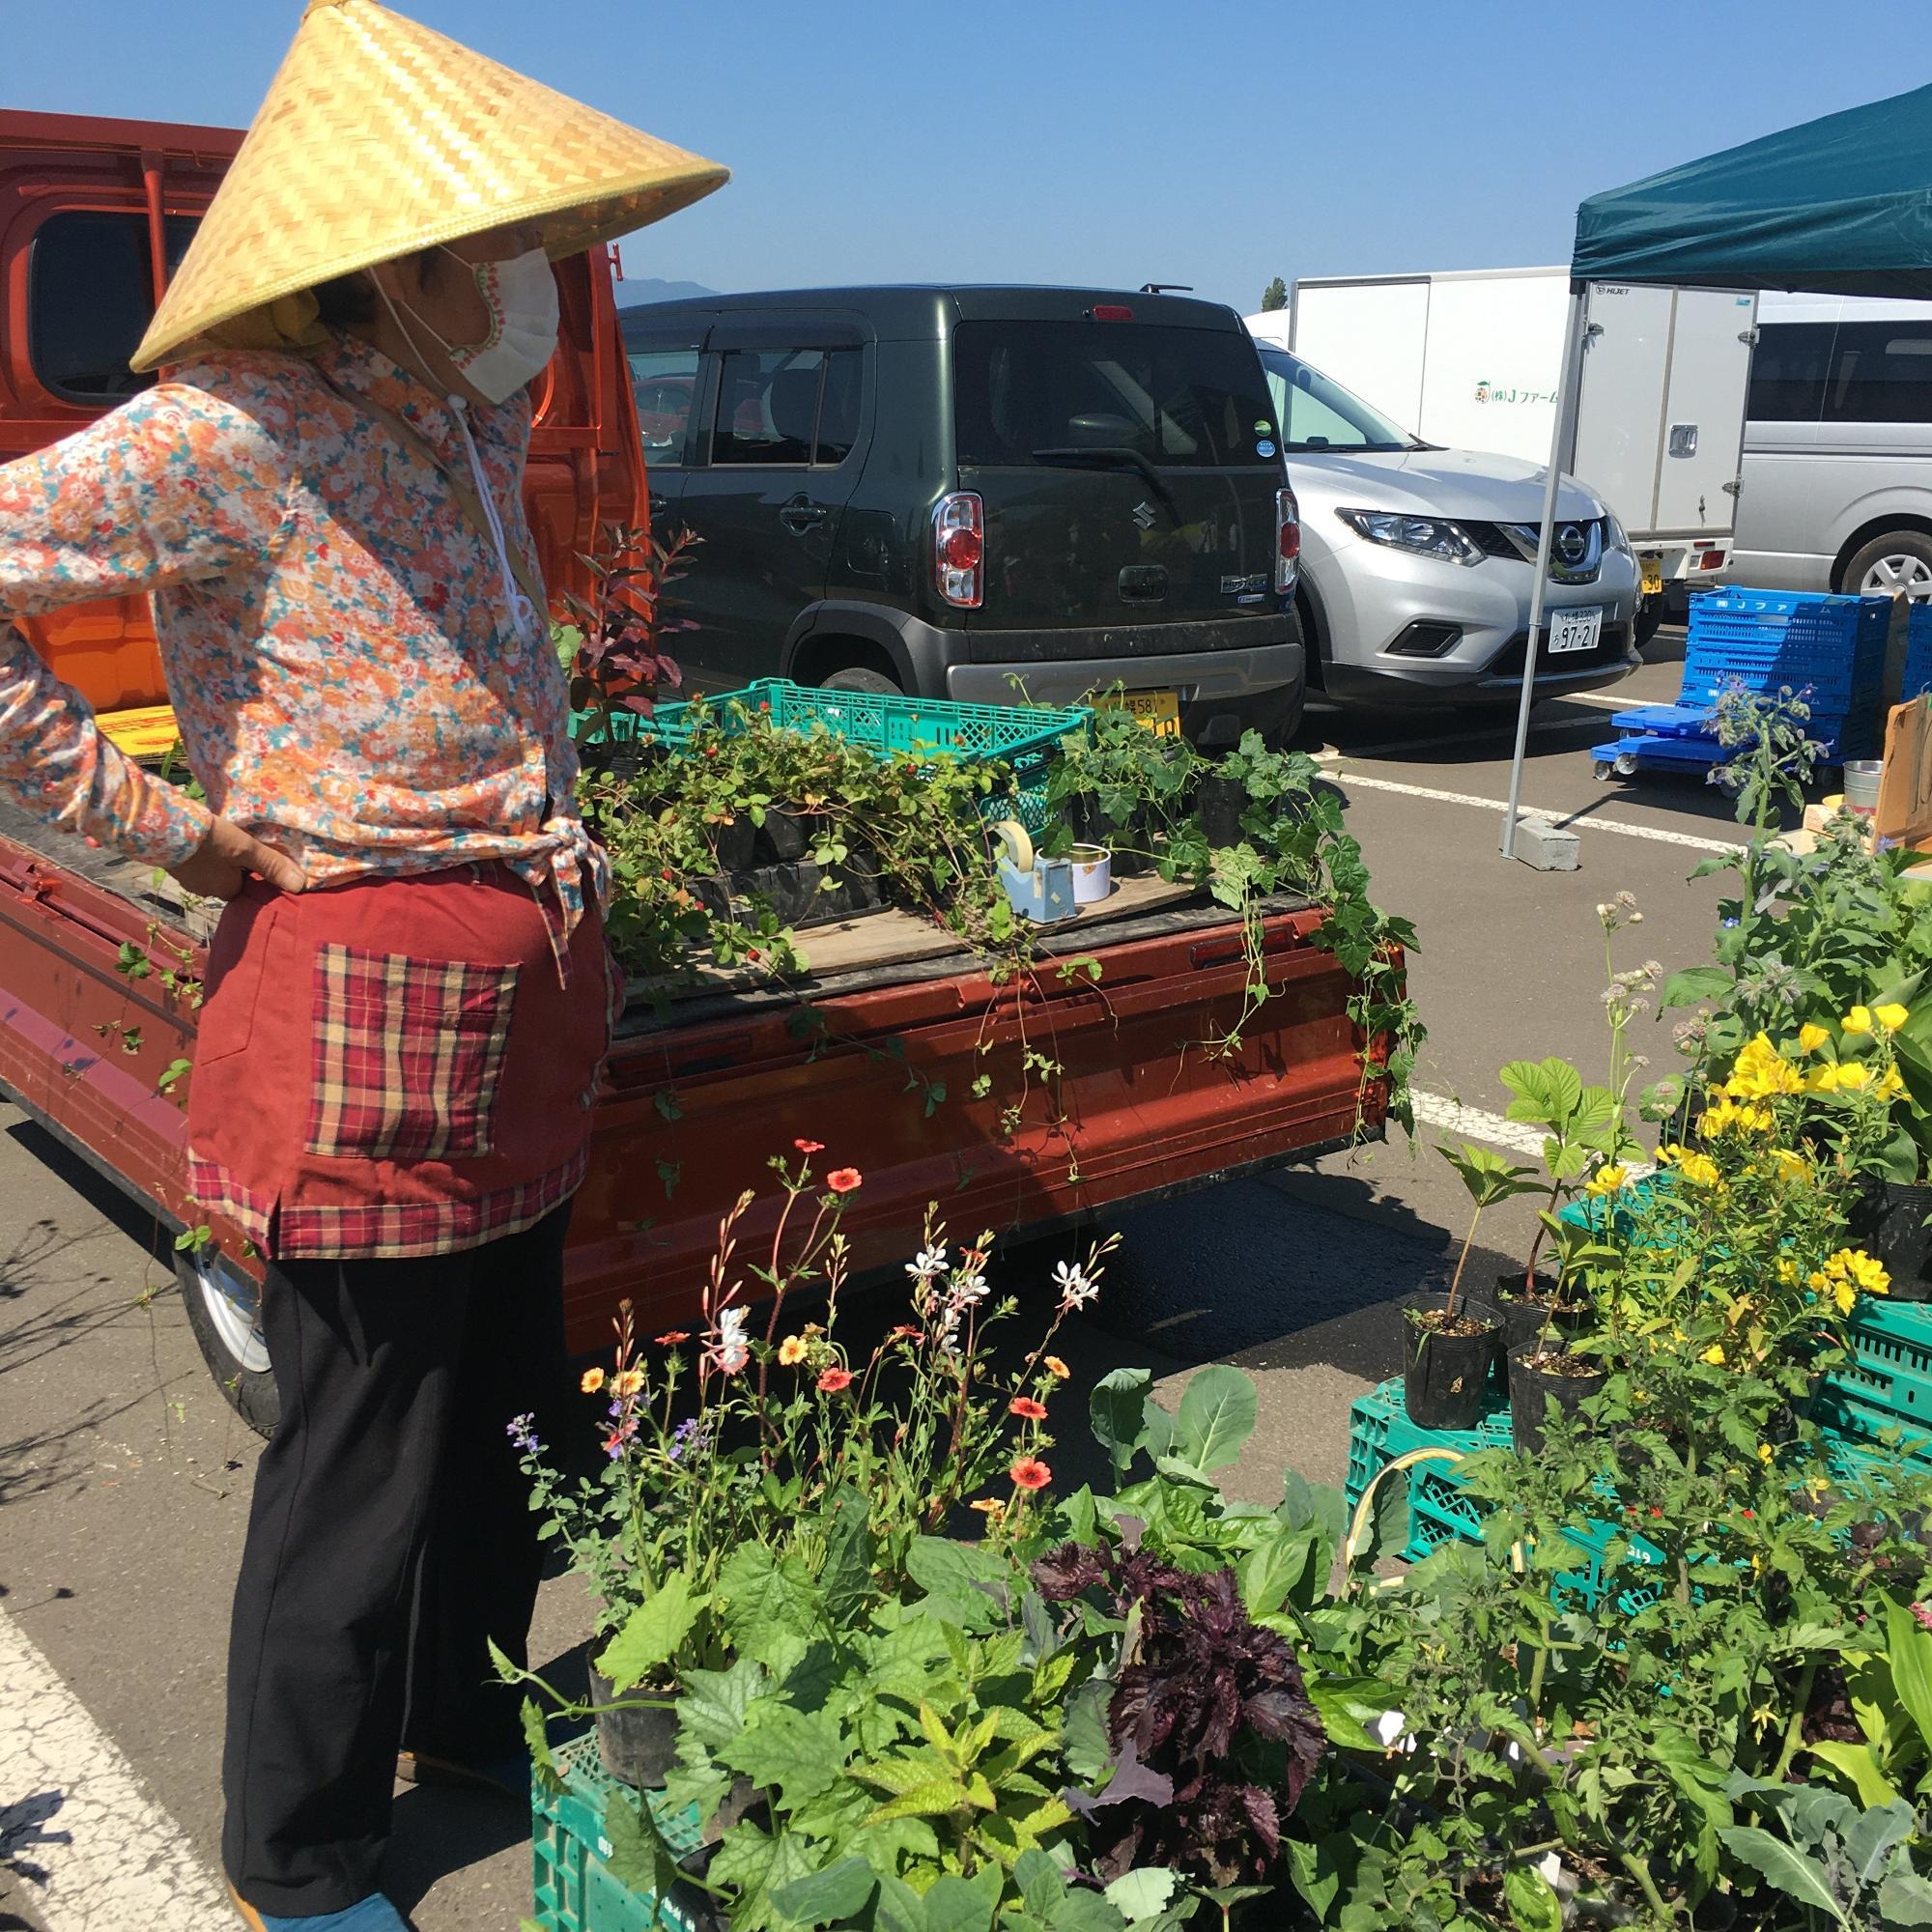 やさいの販売だけではなく、野菜の苗や庭の花の苗もあります。出店者の細貝さんはいつもマニアックな苗や、8月になると珍しい野菜を持って出店するので、ファンもとても多いのです